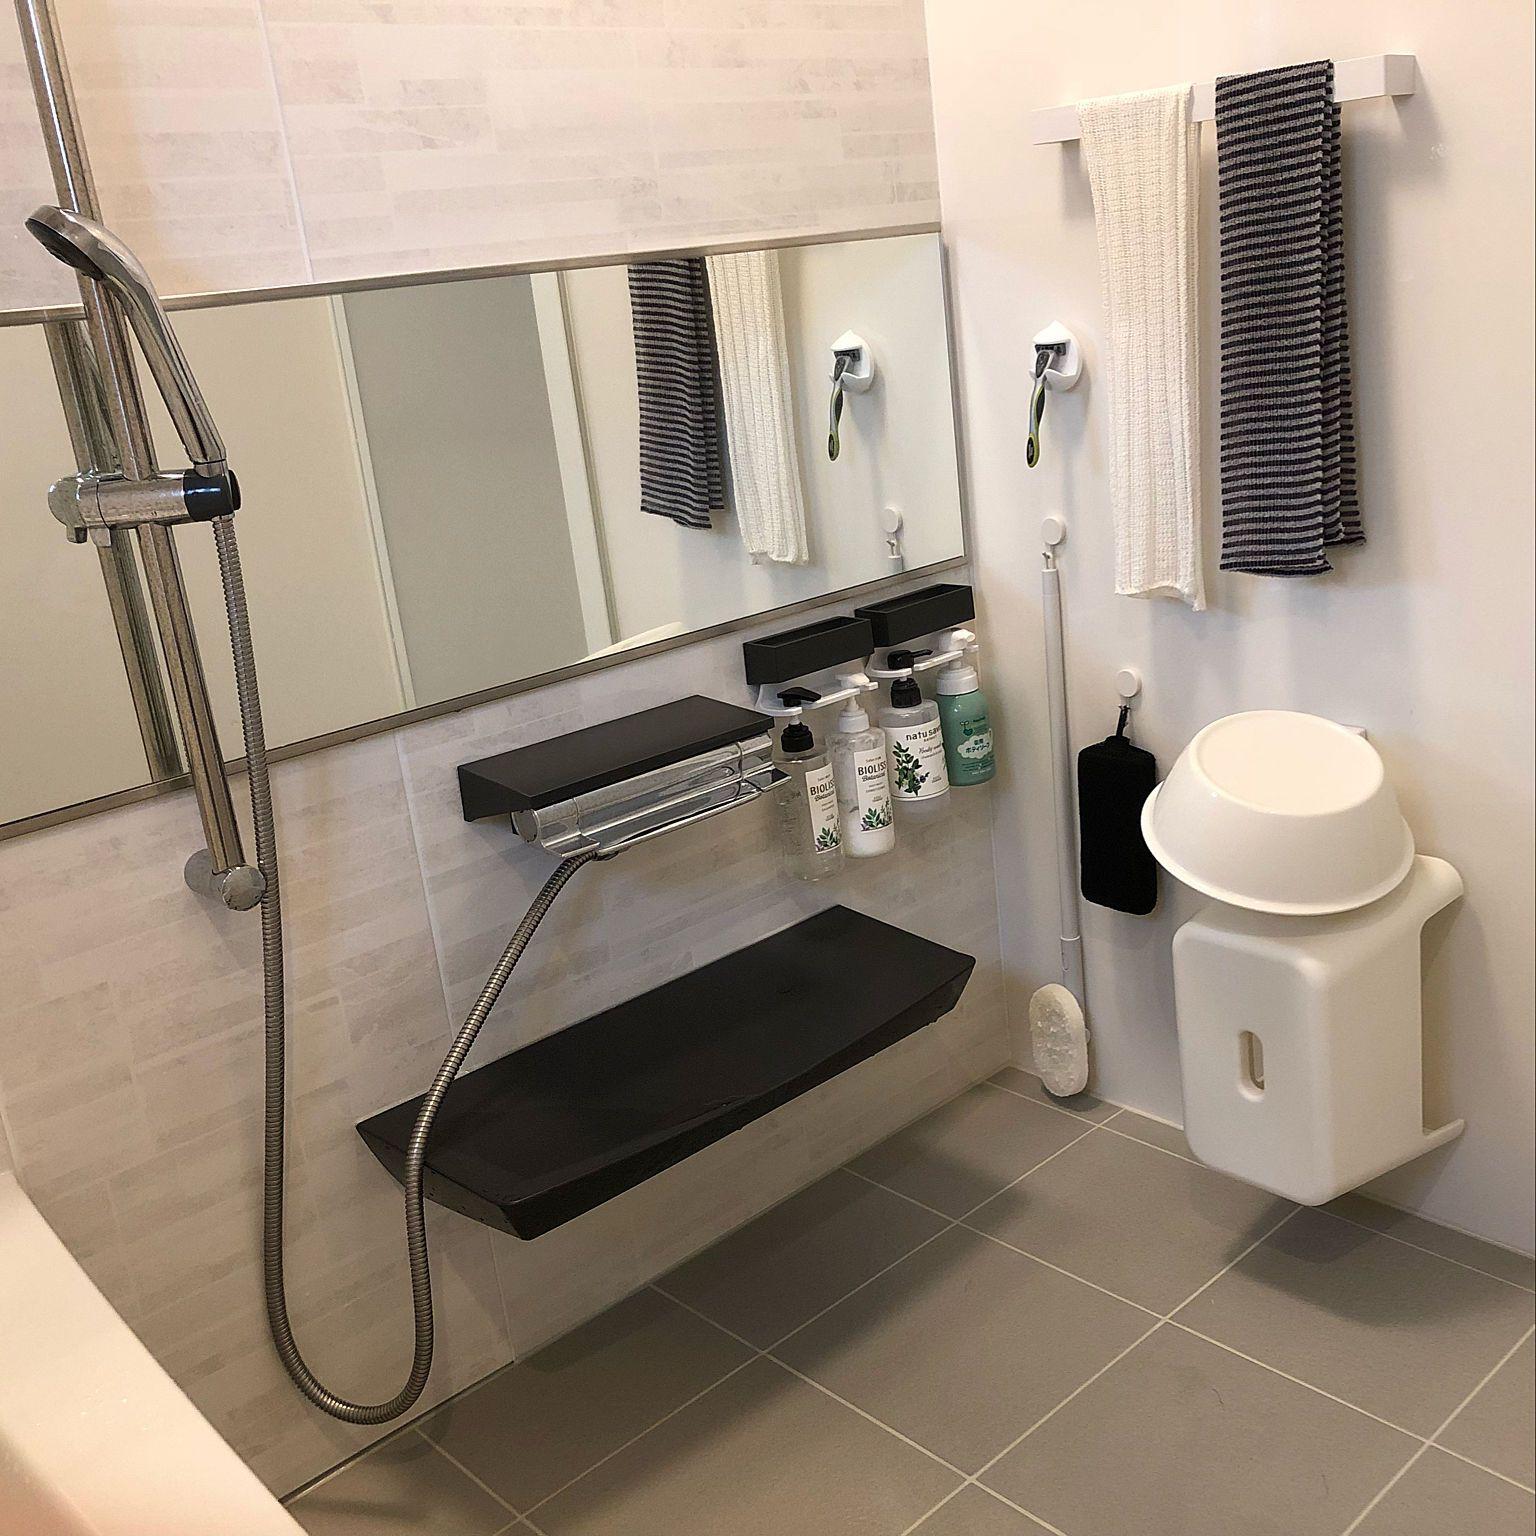 バス トイレ タイル お風呂収納 お風呂 リラクシア などのインテリア